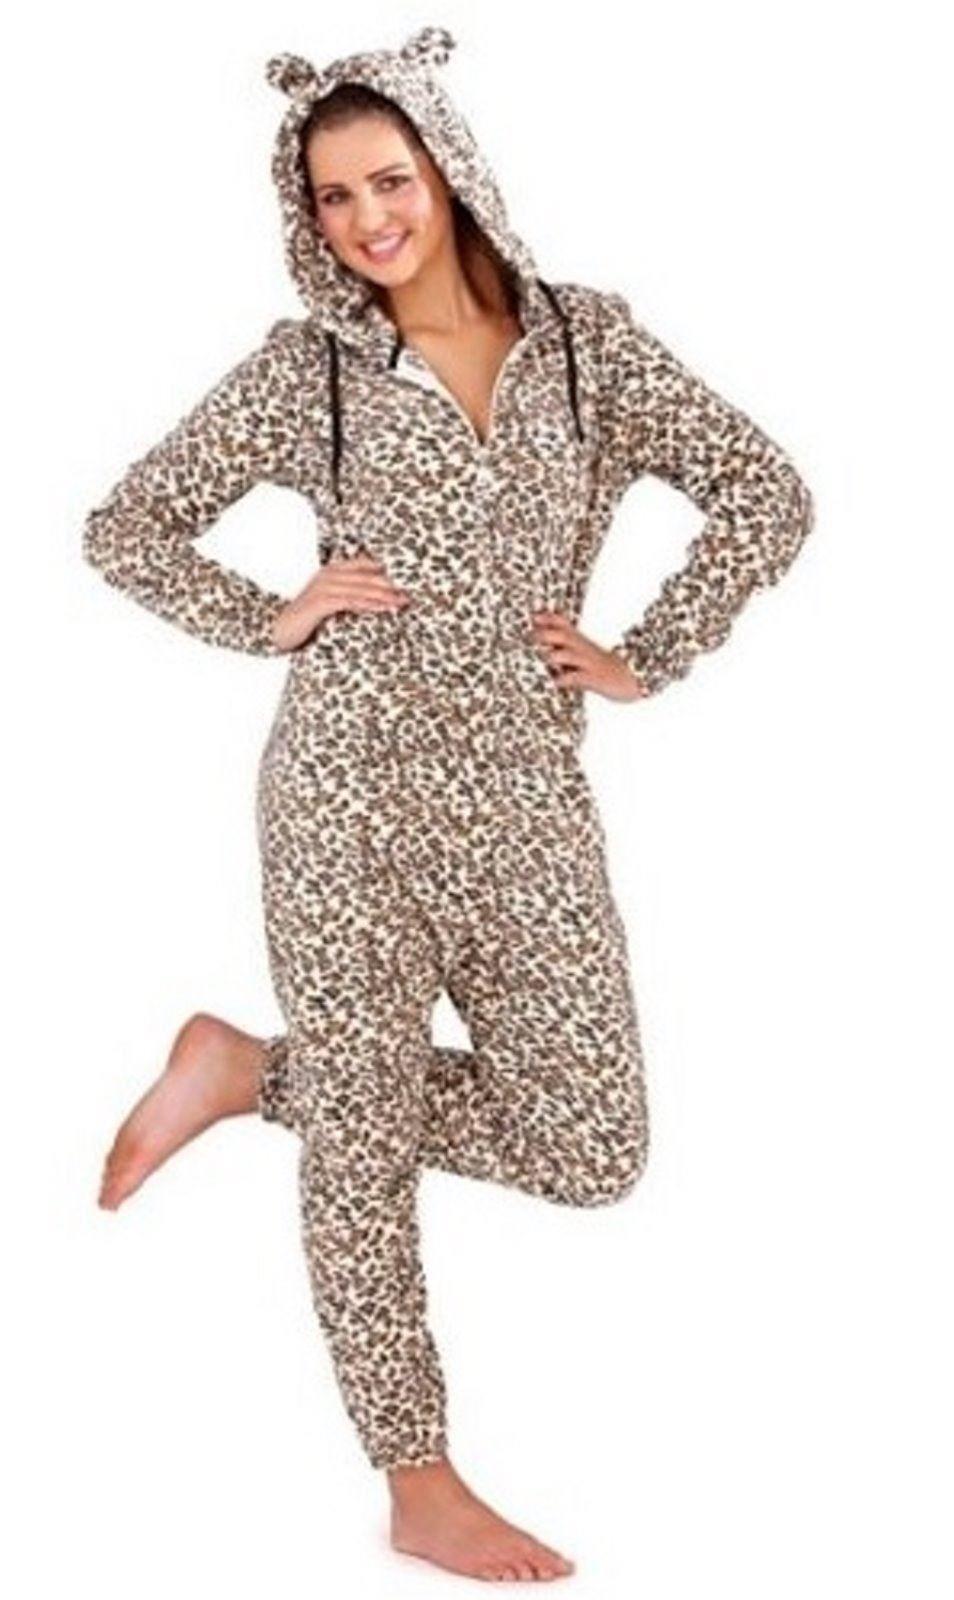 damen flauschig einteiler mit kapuze leopard overall schlafanzug pyjama pj ebay. Black Bedroom Furniture Sets. Home Design Ideas